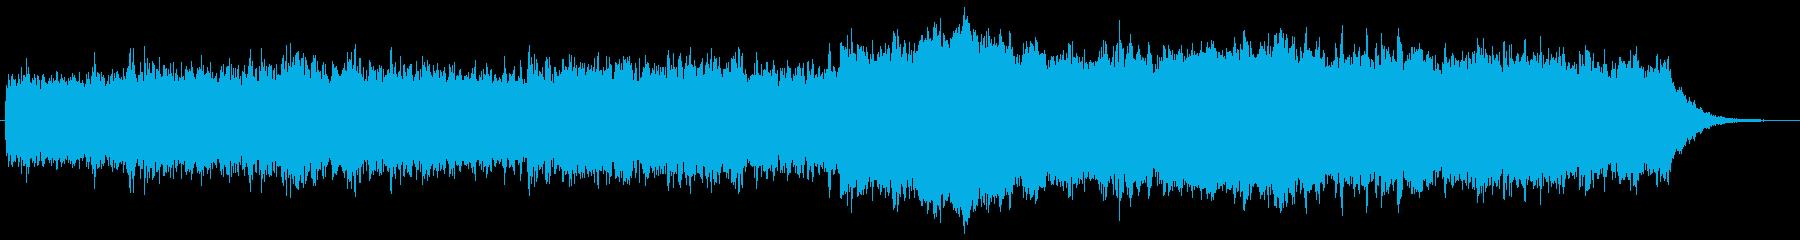 シンセによるキラキラしたジングル3の再生済みの波形